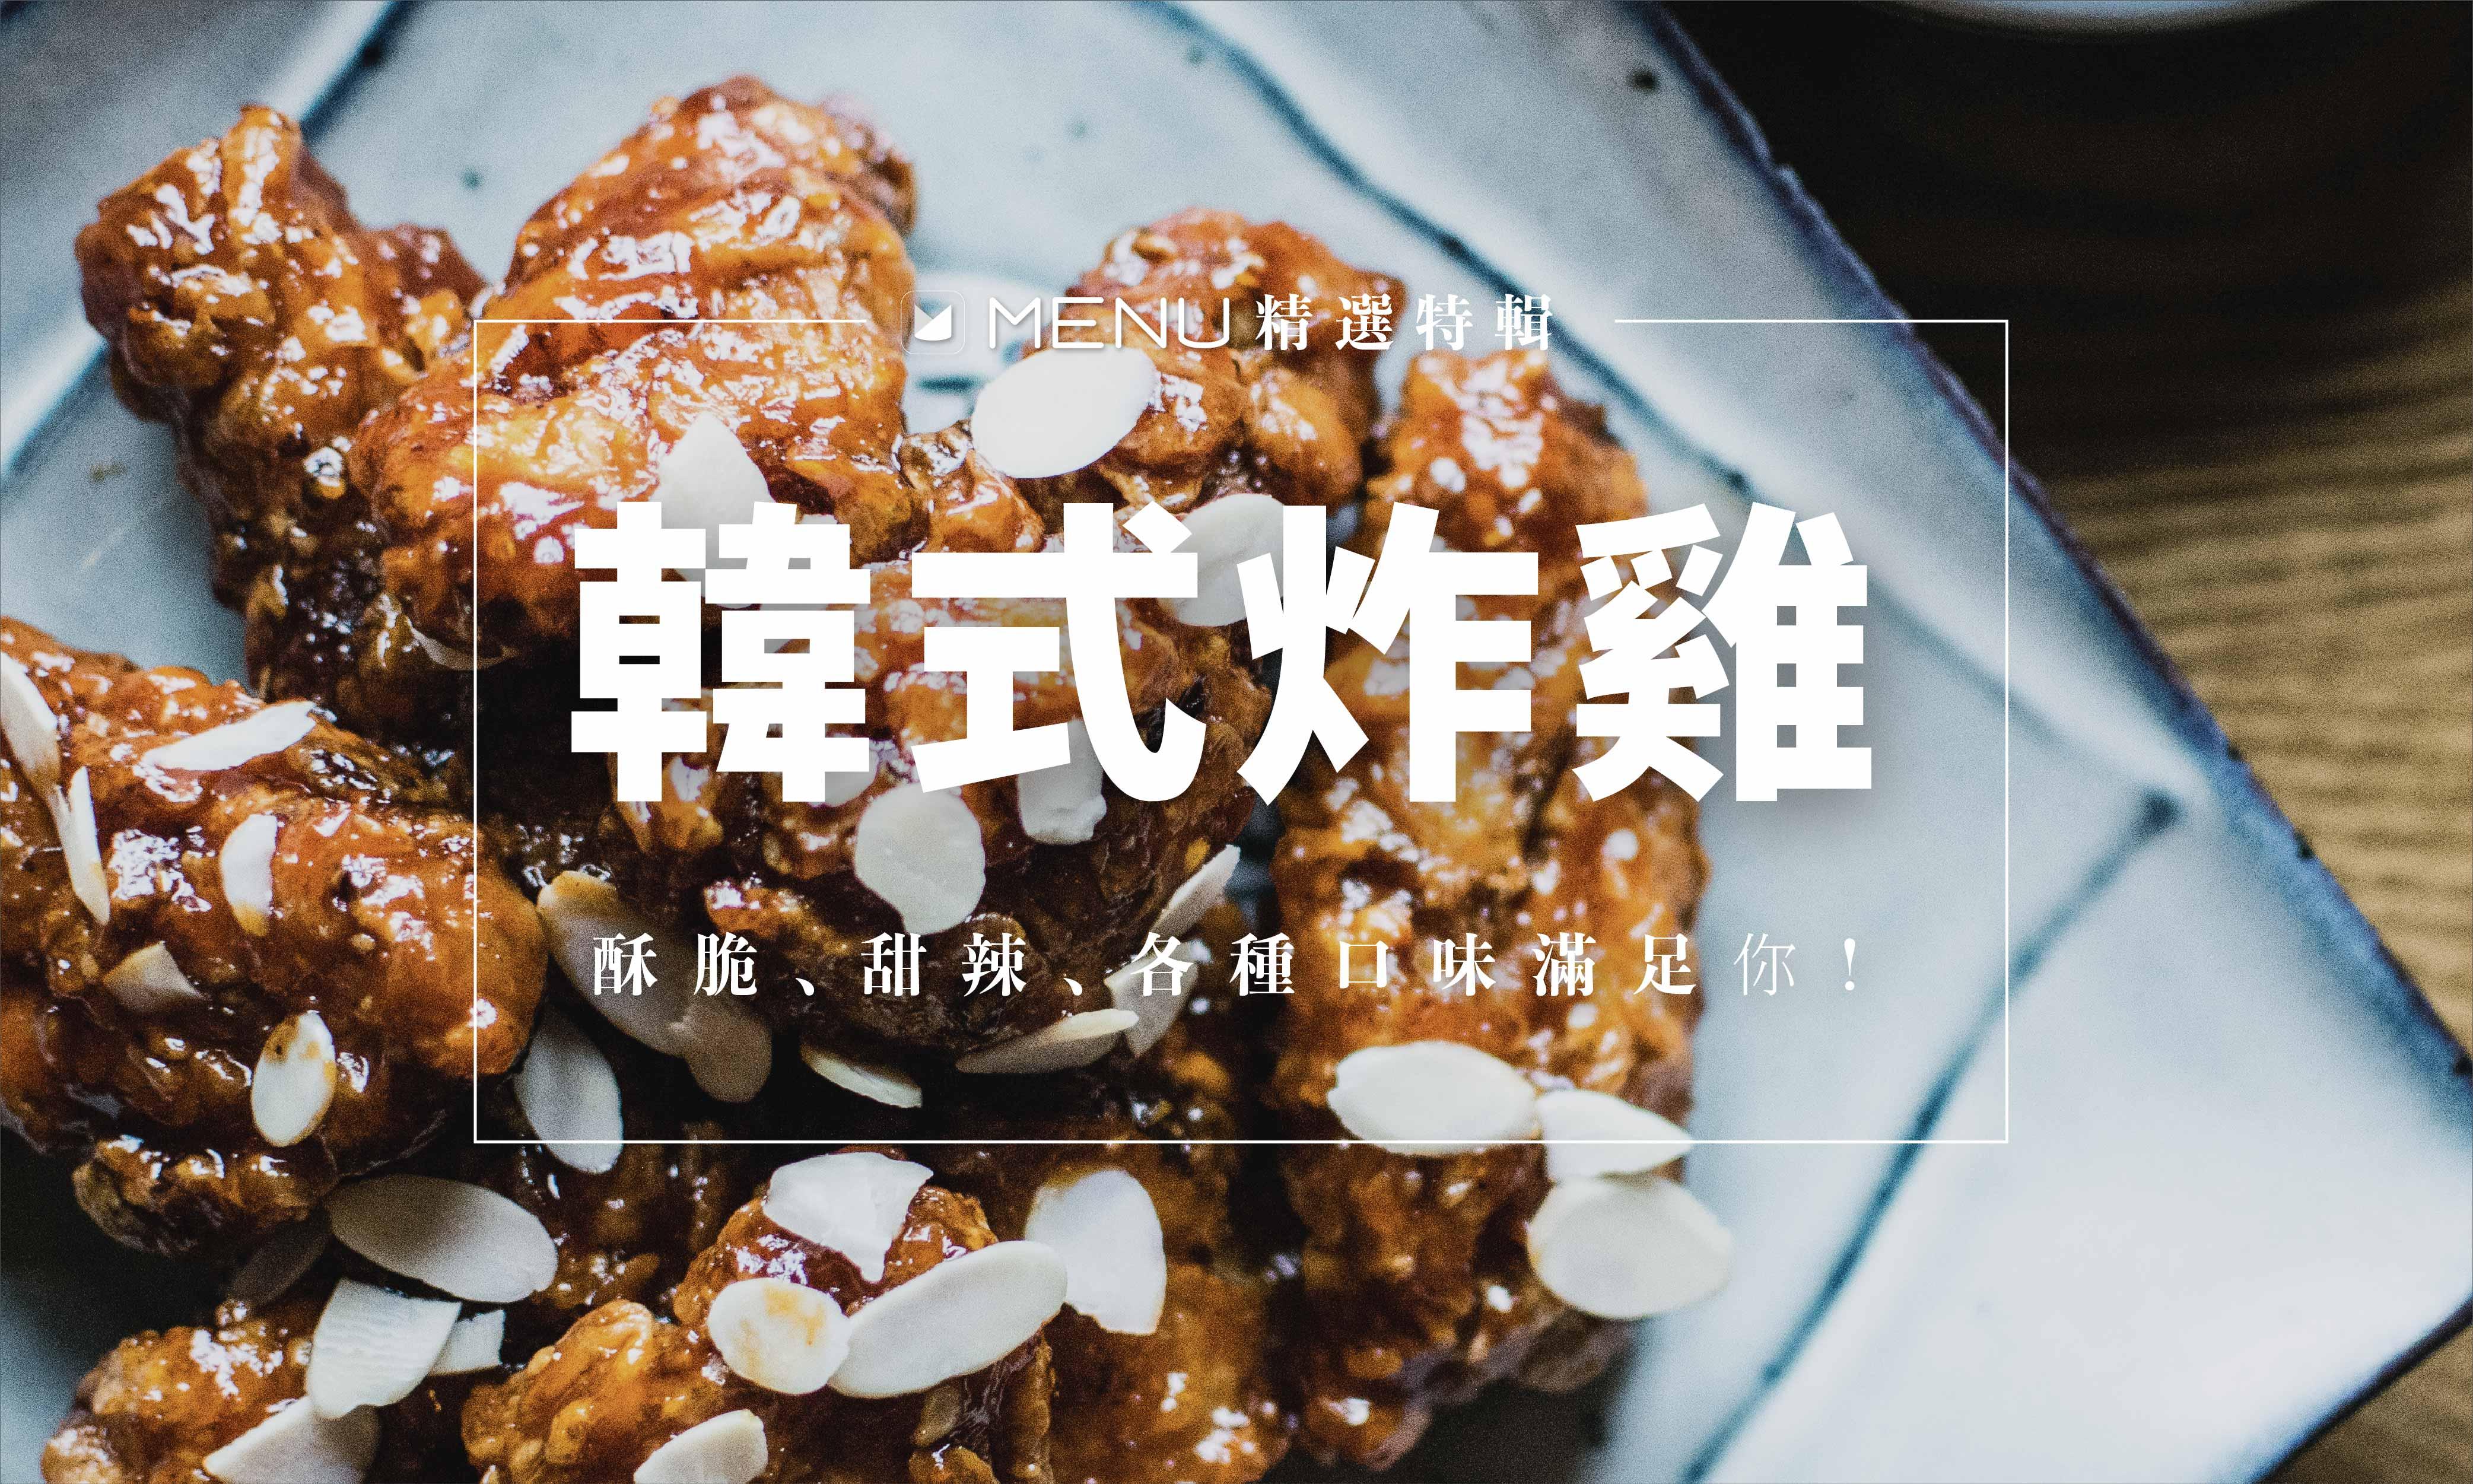 正宗韓國人開的炸雞店,不吃嗎?